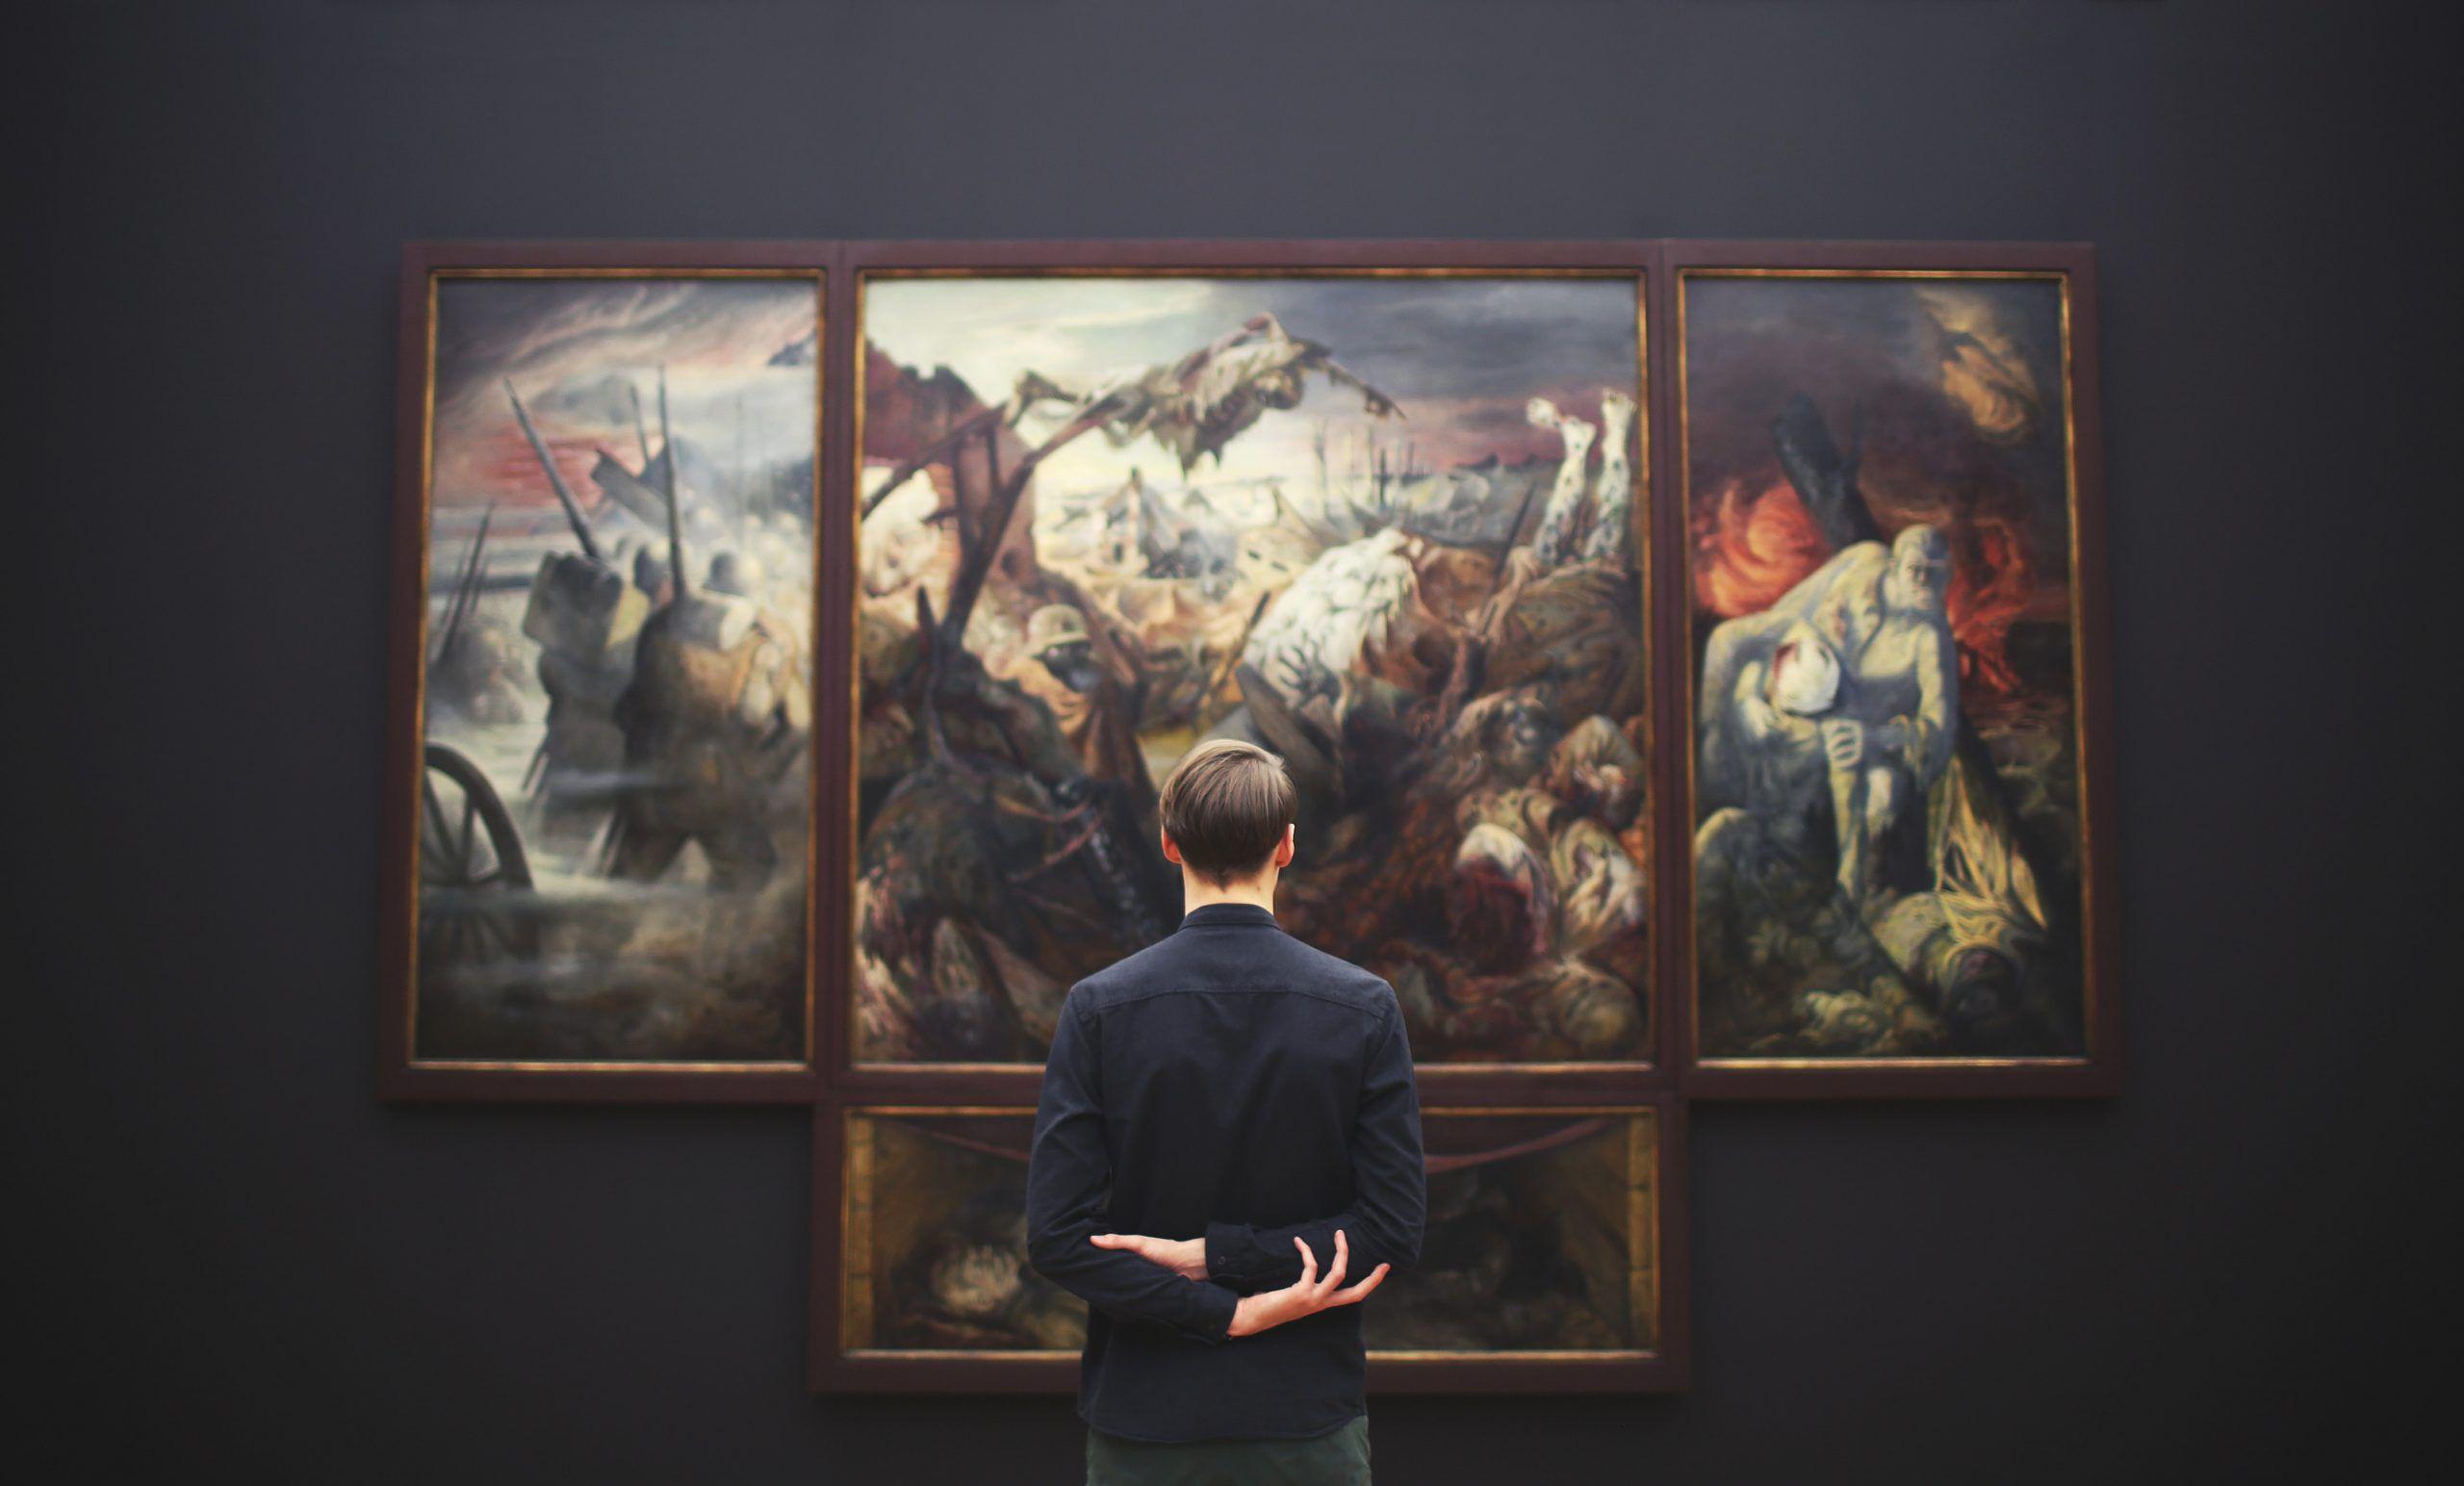 Esta capacidade de saber ver Arte